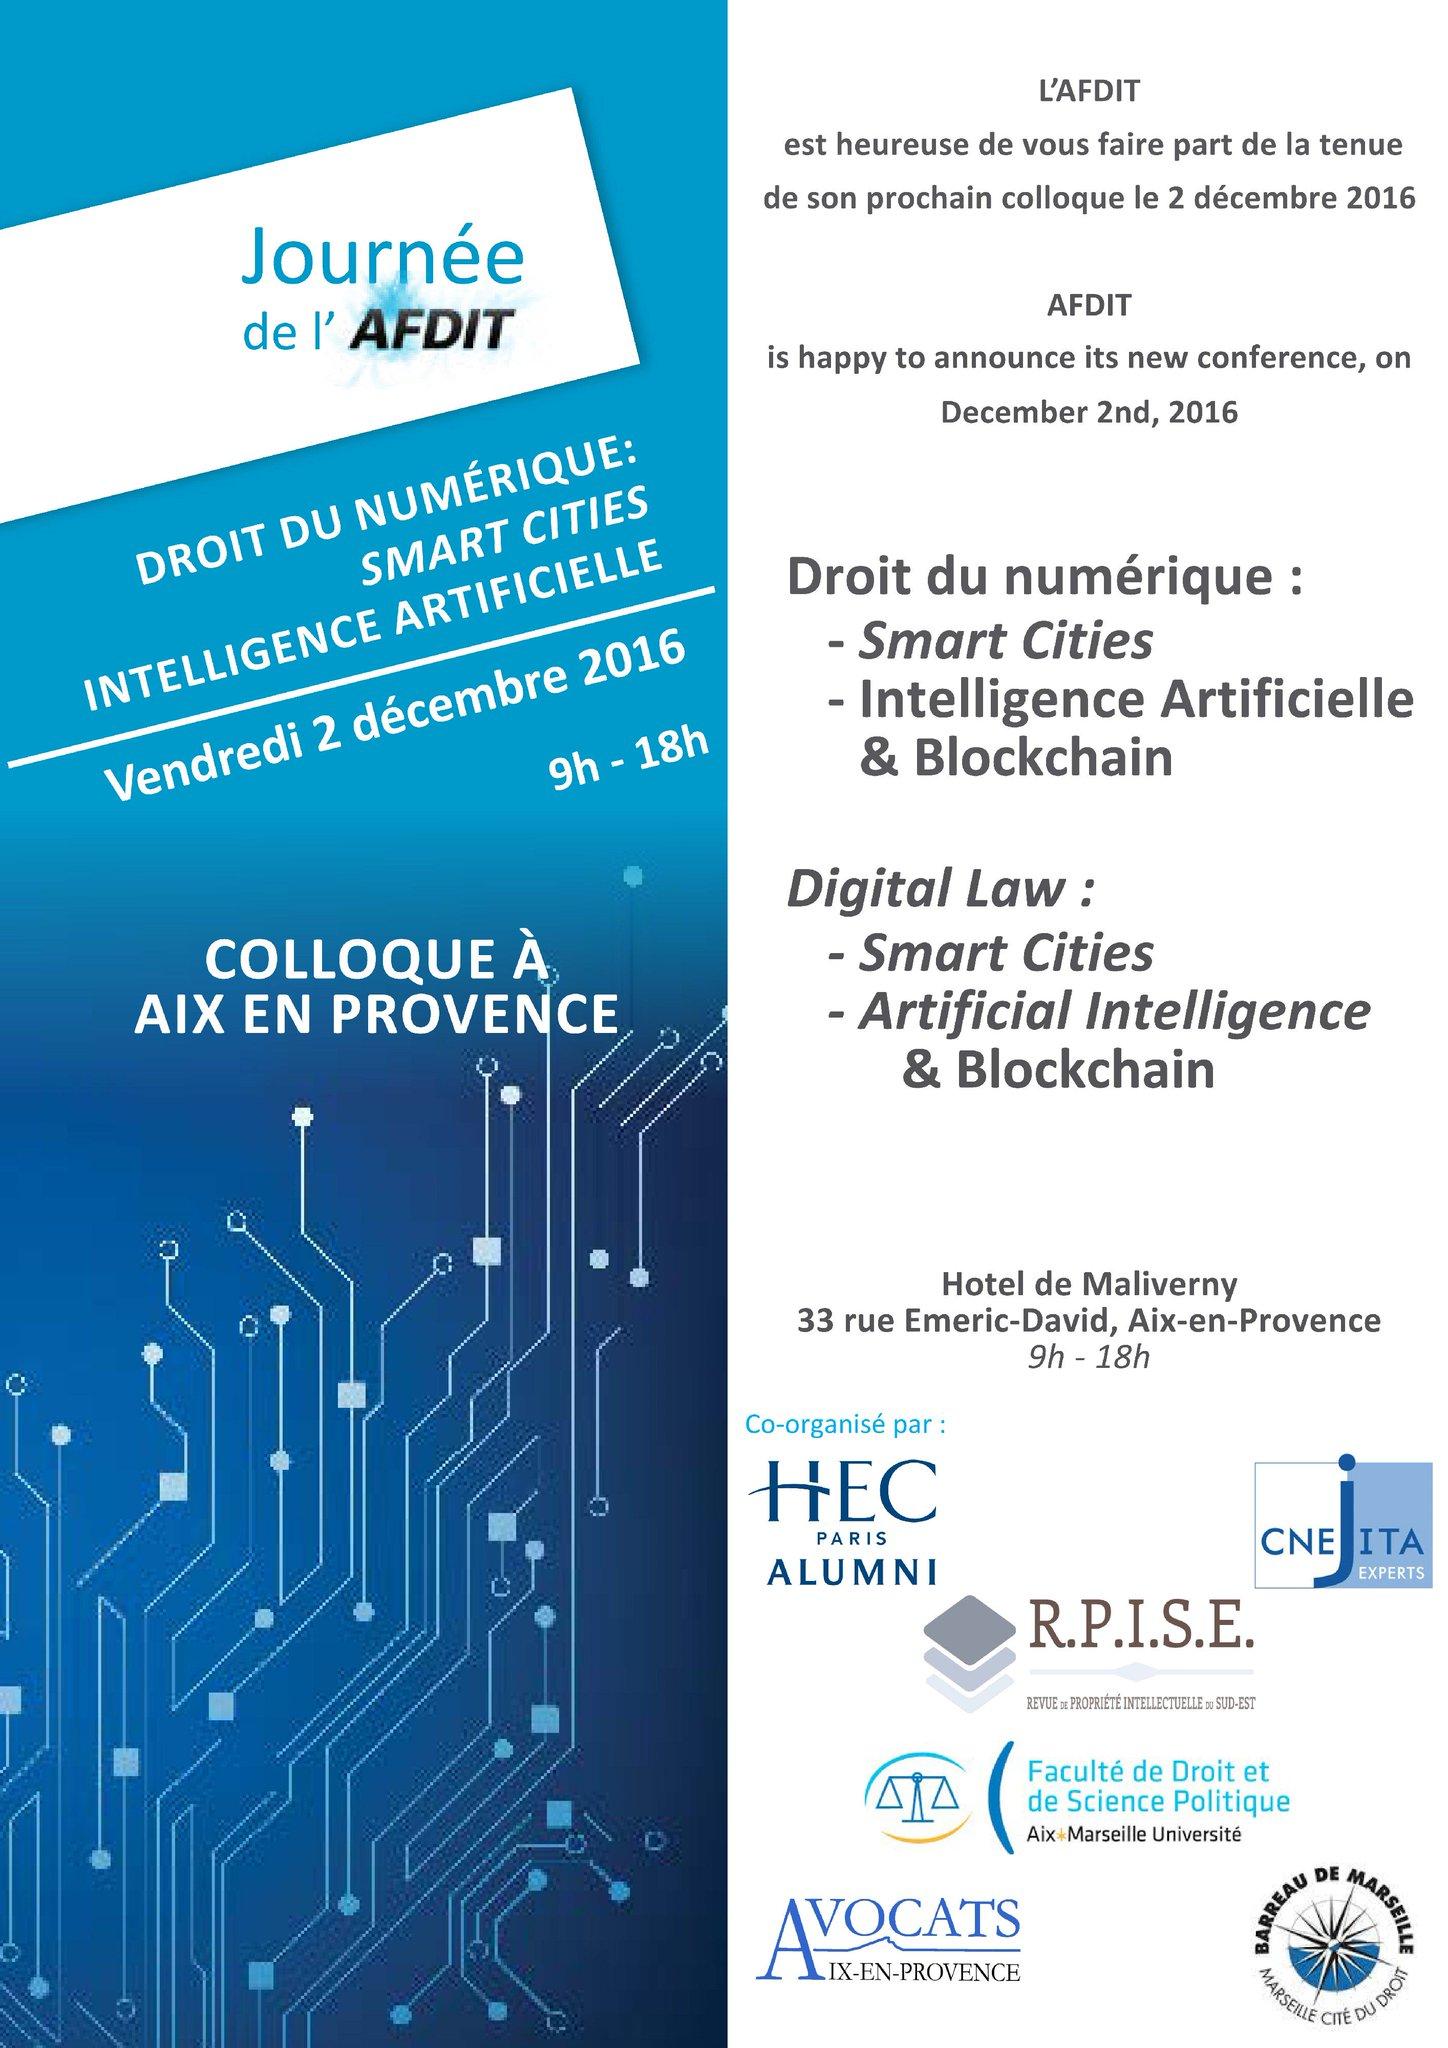 Colloque le à Aix, 02/12 Programme définitif : https://t.co/gWKUi1LfCl Inscription : https://t.co/SCQ23T0LPE https://t.co/qg1iQW4qly